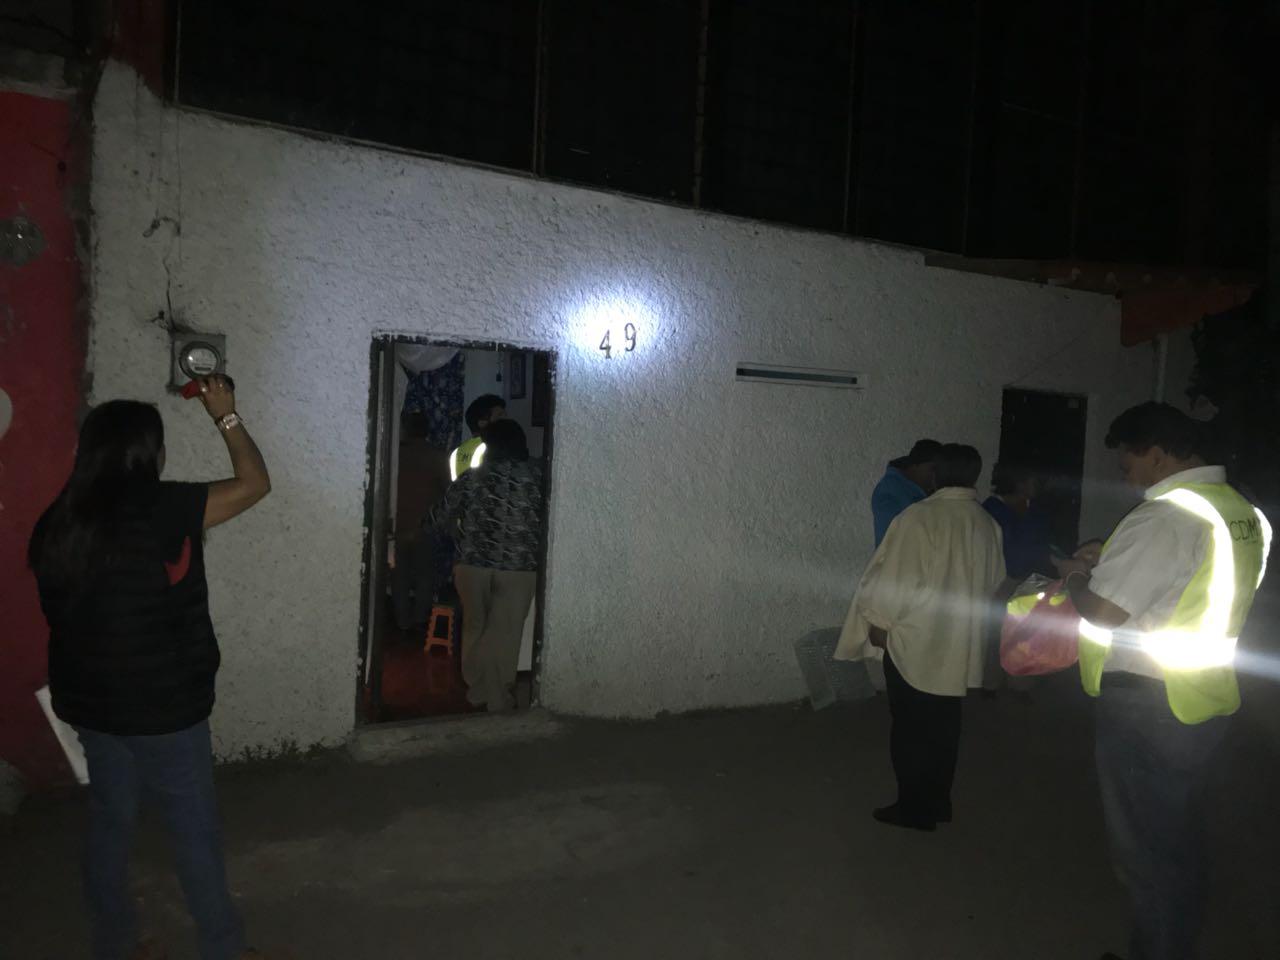 El jefe delegacional de Xochimilco dio a conocer un reporte de la demarcación tras el sismo del pasado 16 de febrero